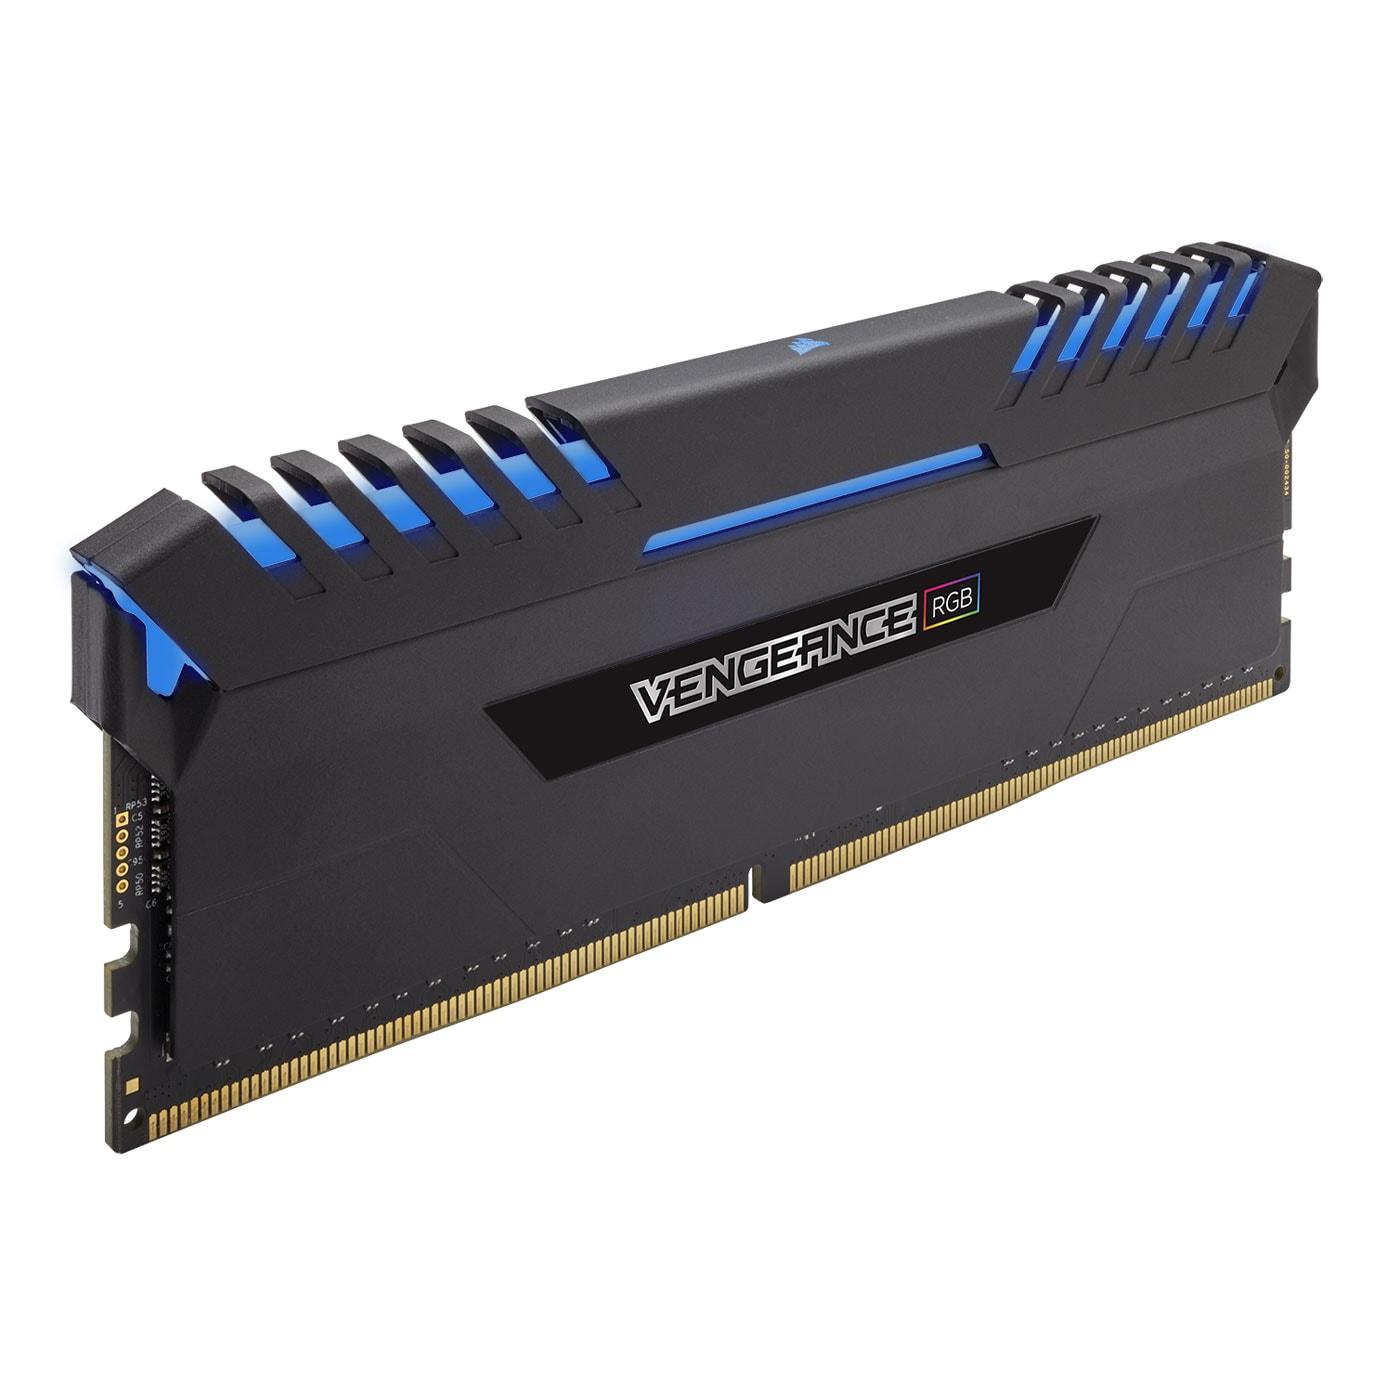 Corsair CMR16GX4M2C3000C15 RGB  16Go DDR4 3000MHz - Mémoire PC - 2